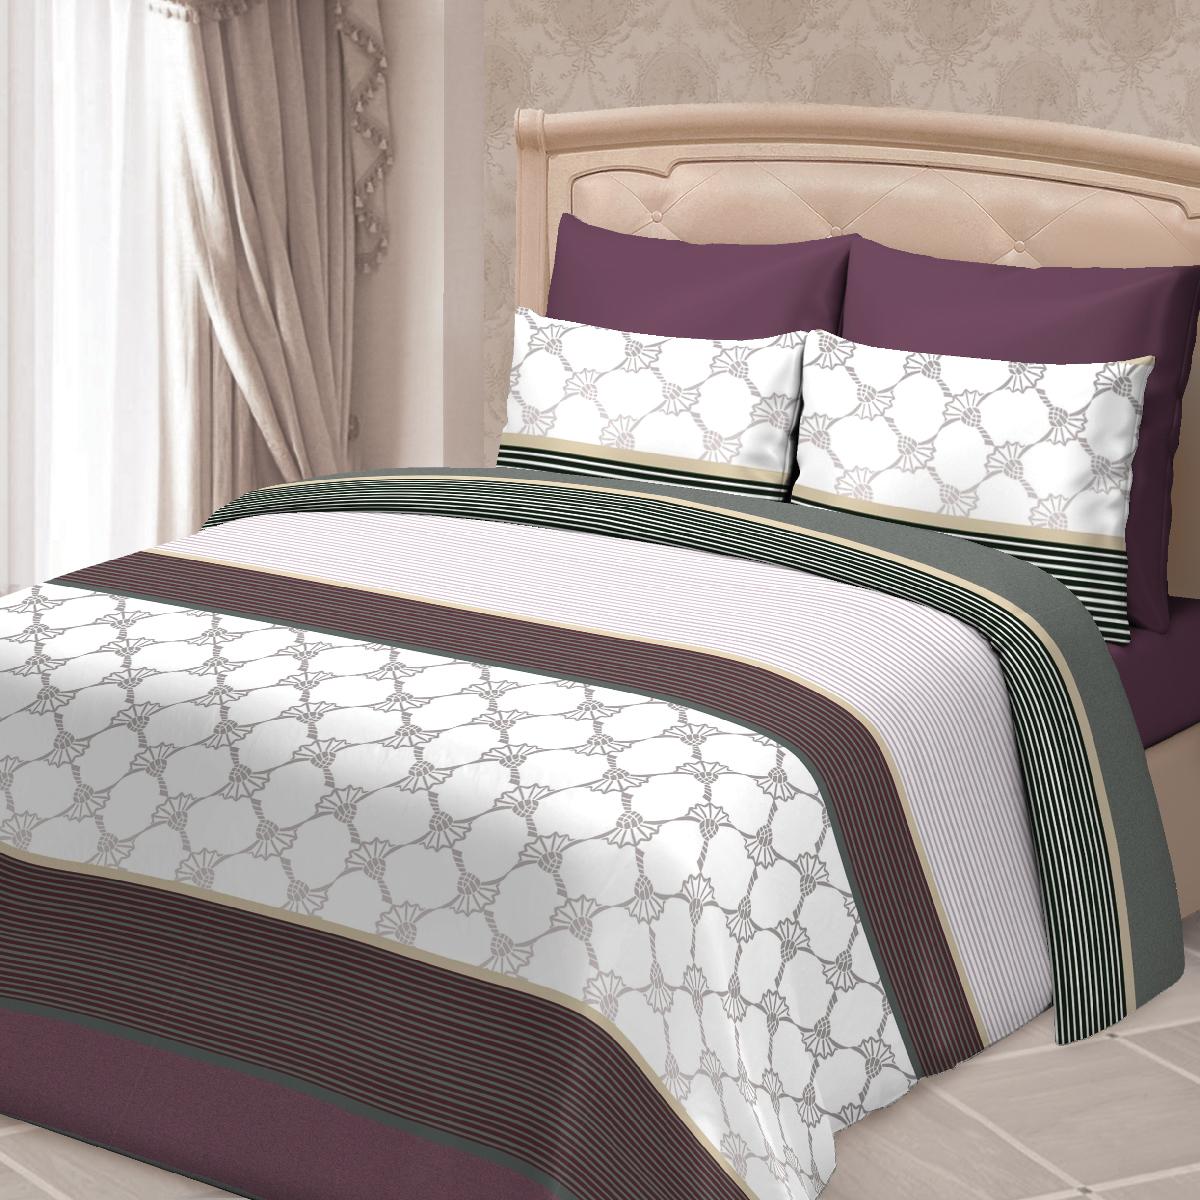 Комплект белья Сорренто Селестия, евро, наволочки 70х70, цвет: бордовый комплекты белья